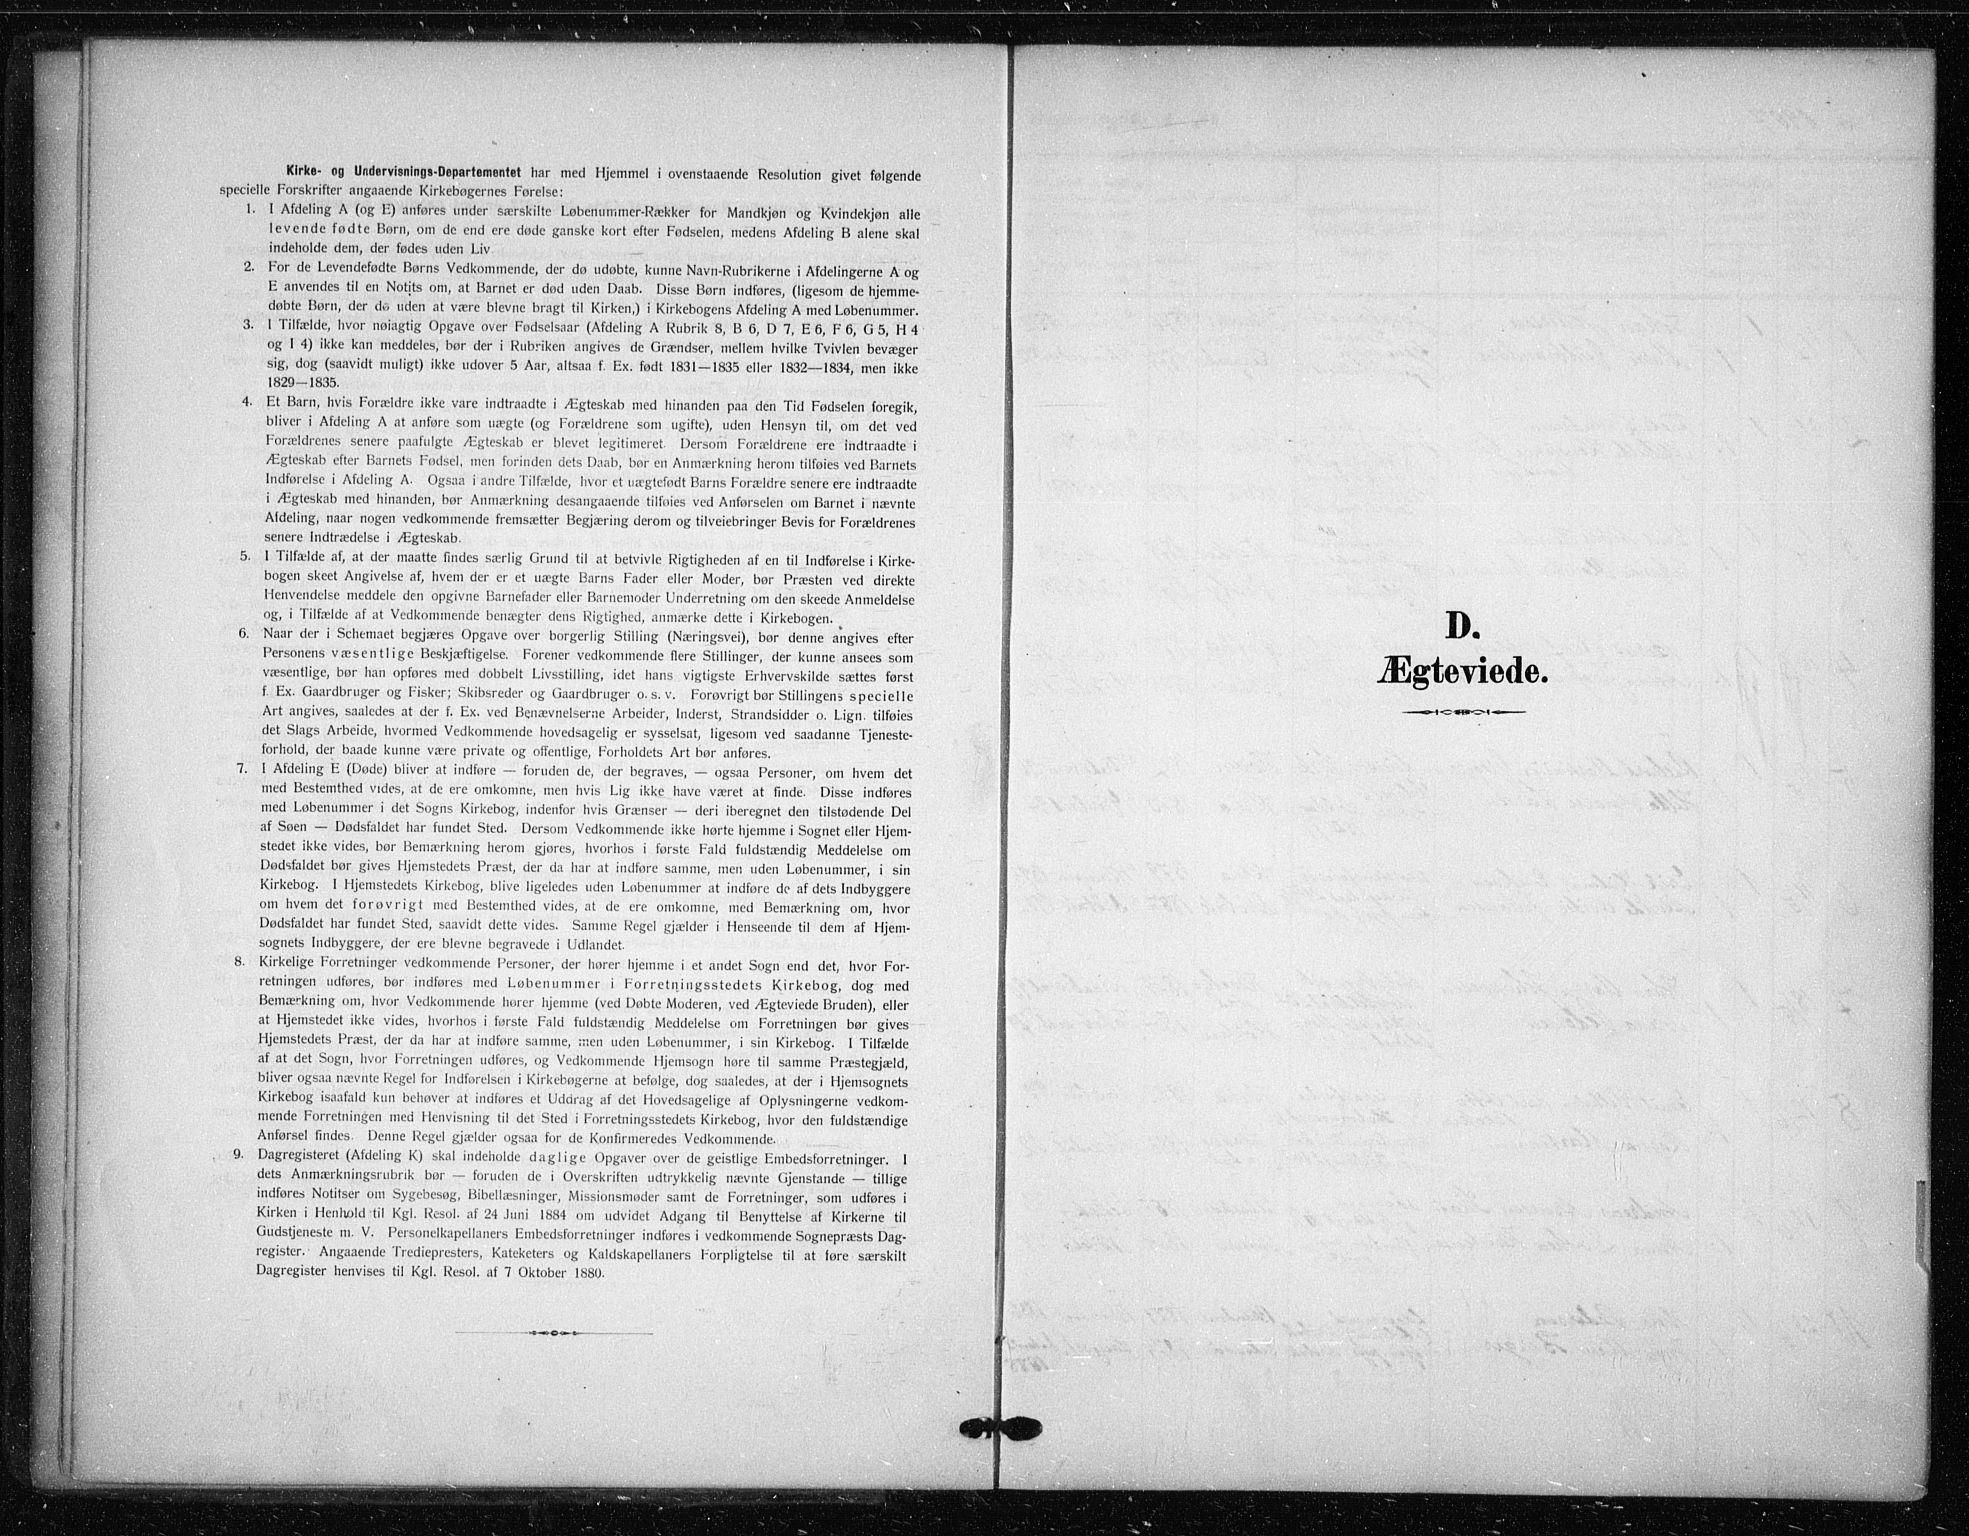 SAO, Tøyen prestekontor Kirkebøker, F/Fa/L0002: Ministerialbok nr. 2, 1907-1916